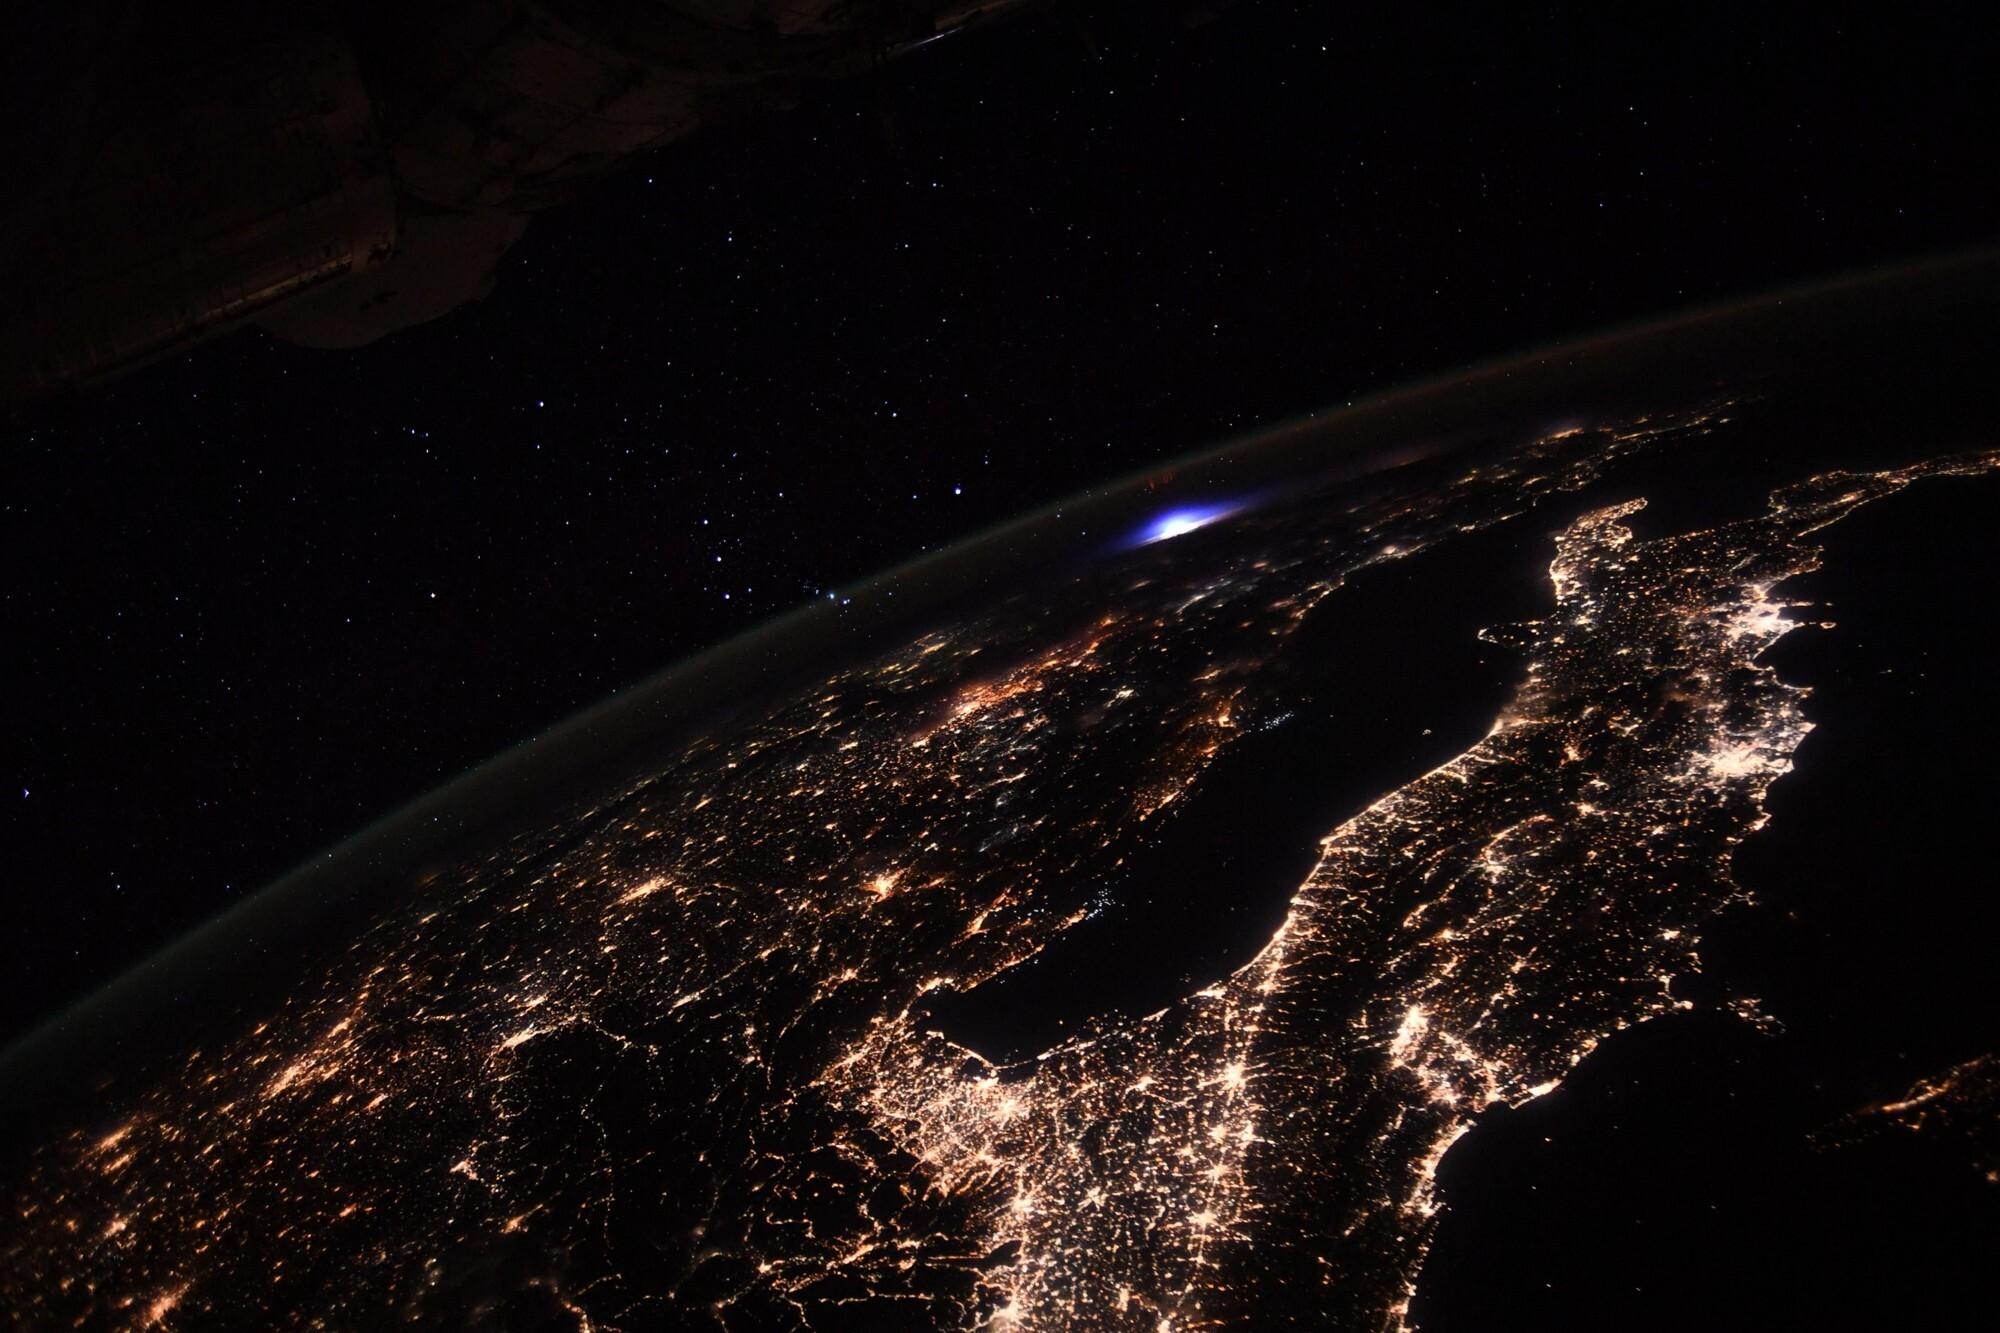 Фотография космонавта показывает огромную синюю вспышку в атмосфере Земли (2111487)